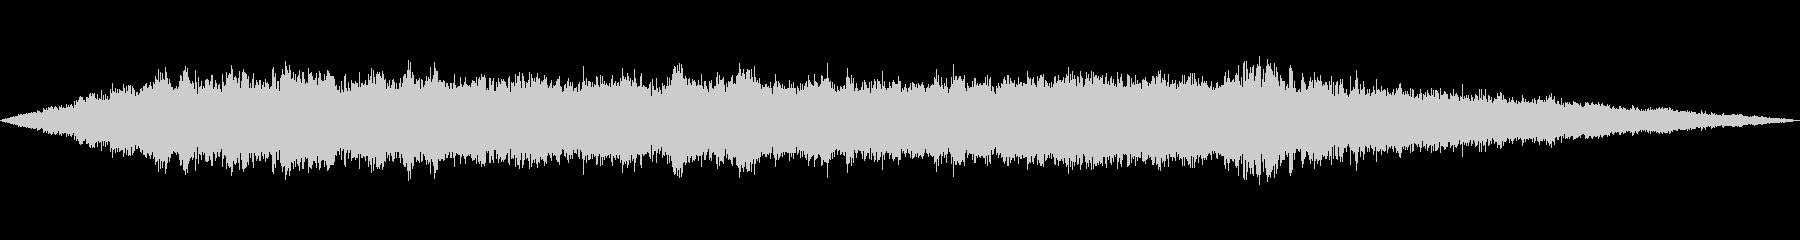 海 波 浜辺 海岸 カモメの環境音 17の未再生の波形